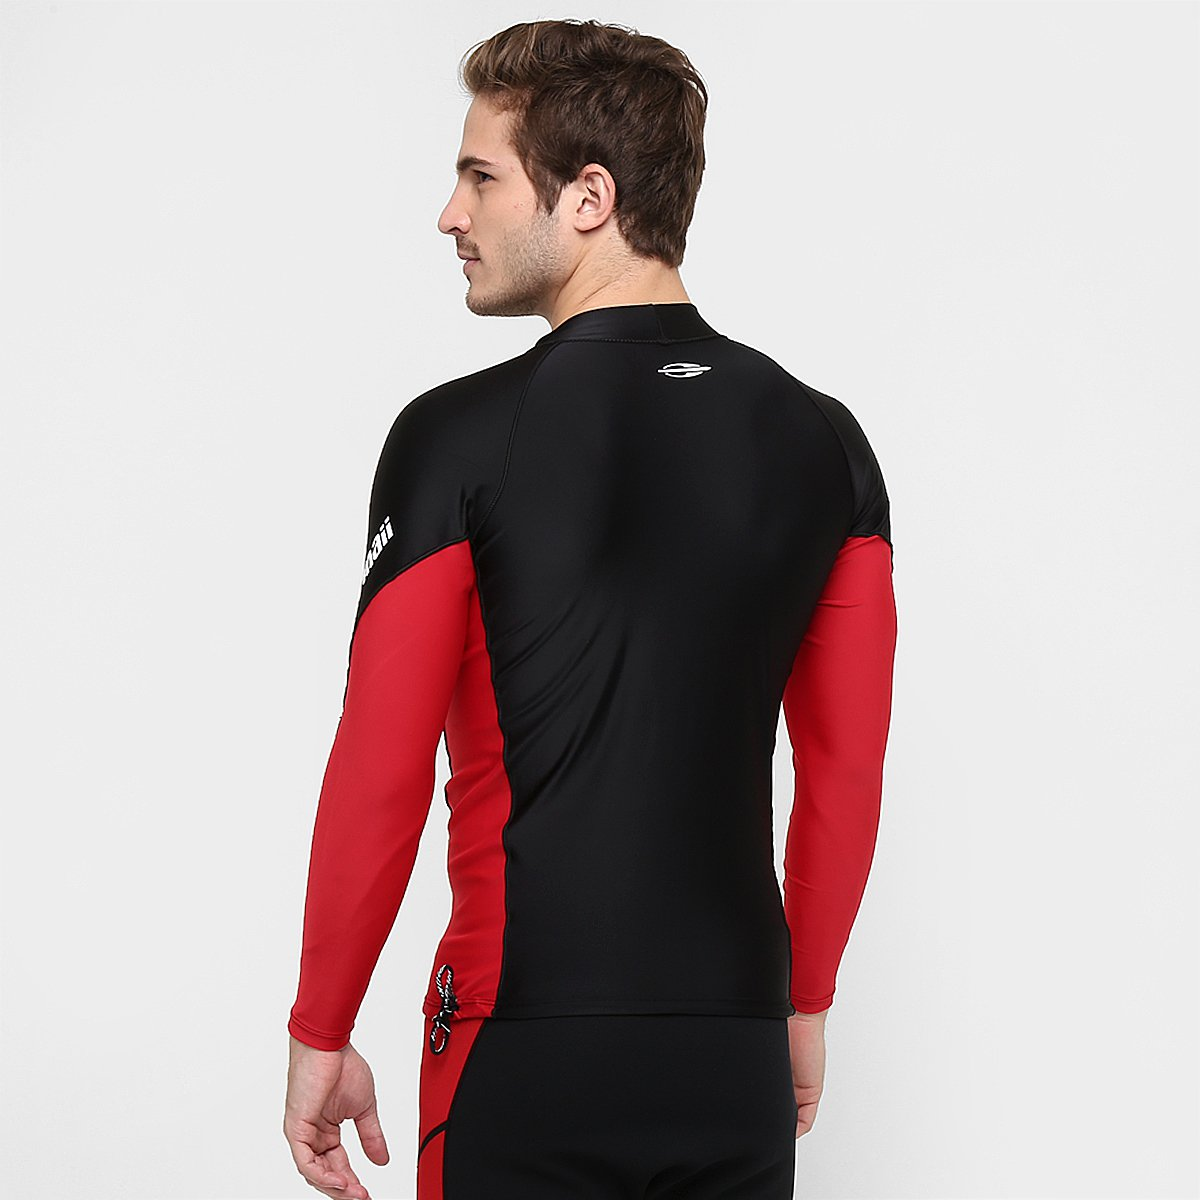 Camiseta Mormaii Extra Line M L - Compre Agora   Netshoes 4a2c72b501